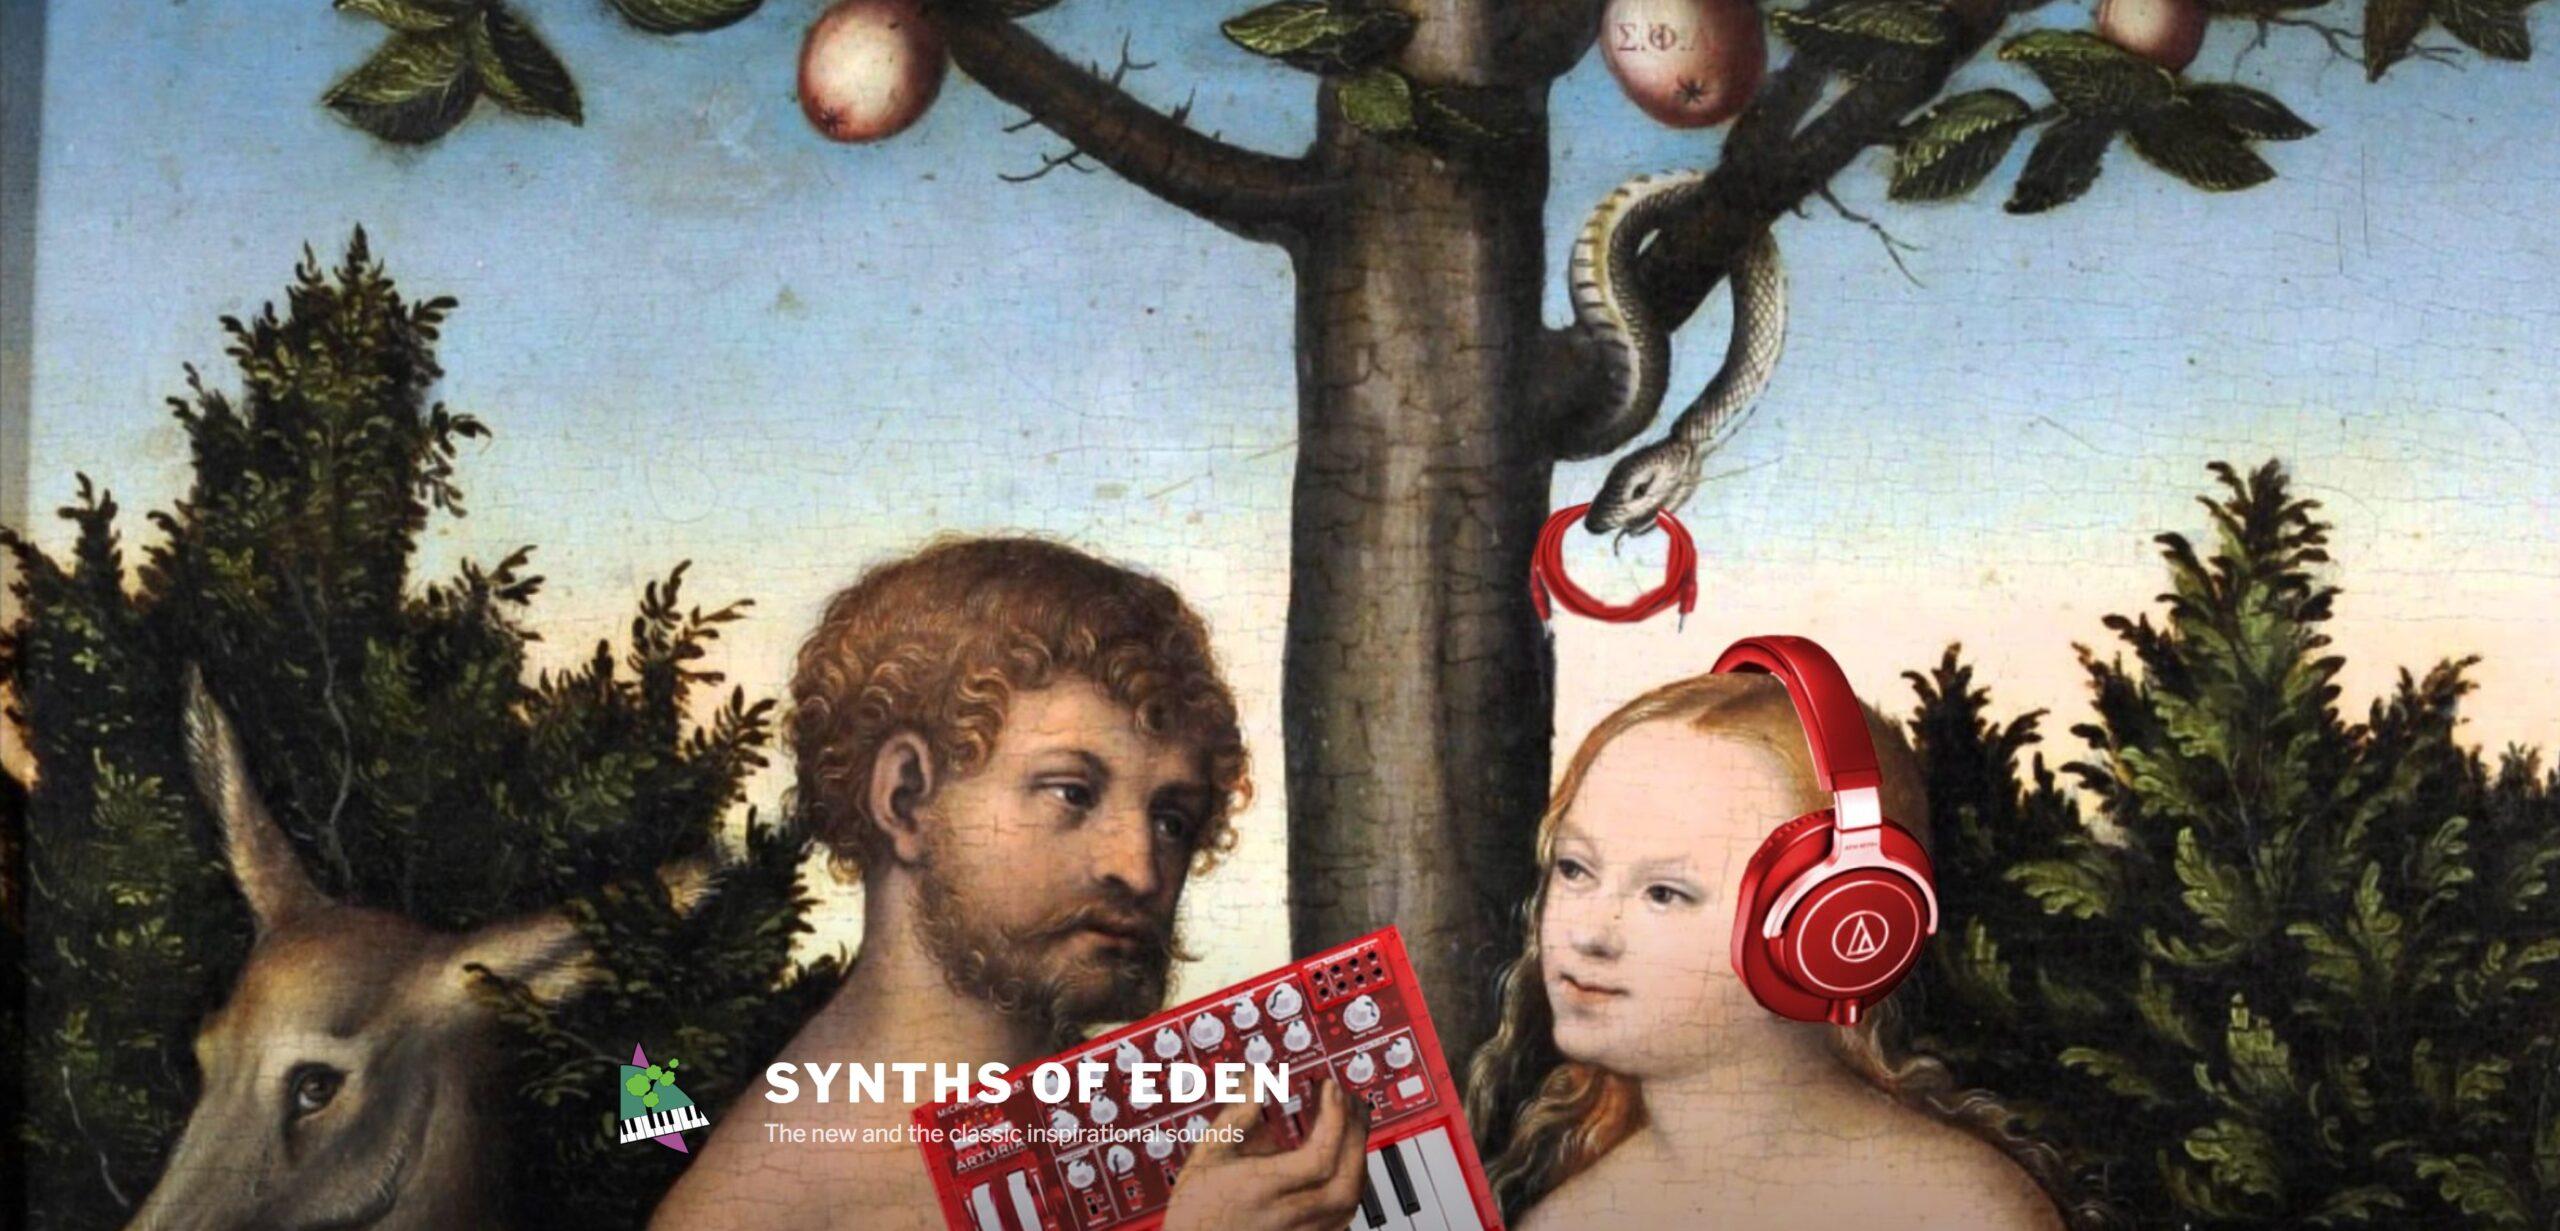 Panoptikum bei Synths of Eden – Ein Lied von Dadanaut